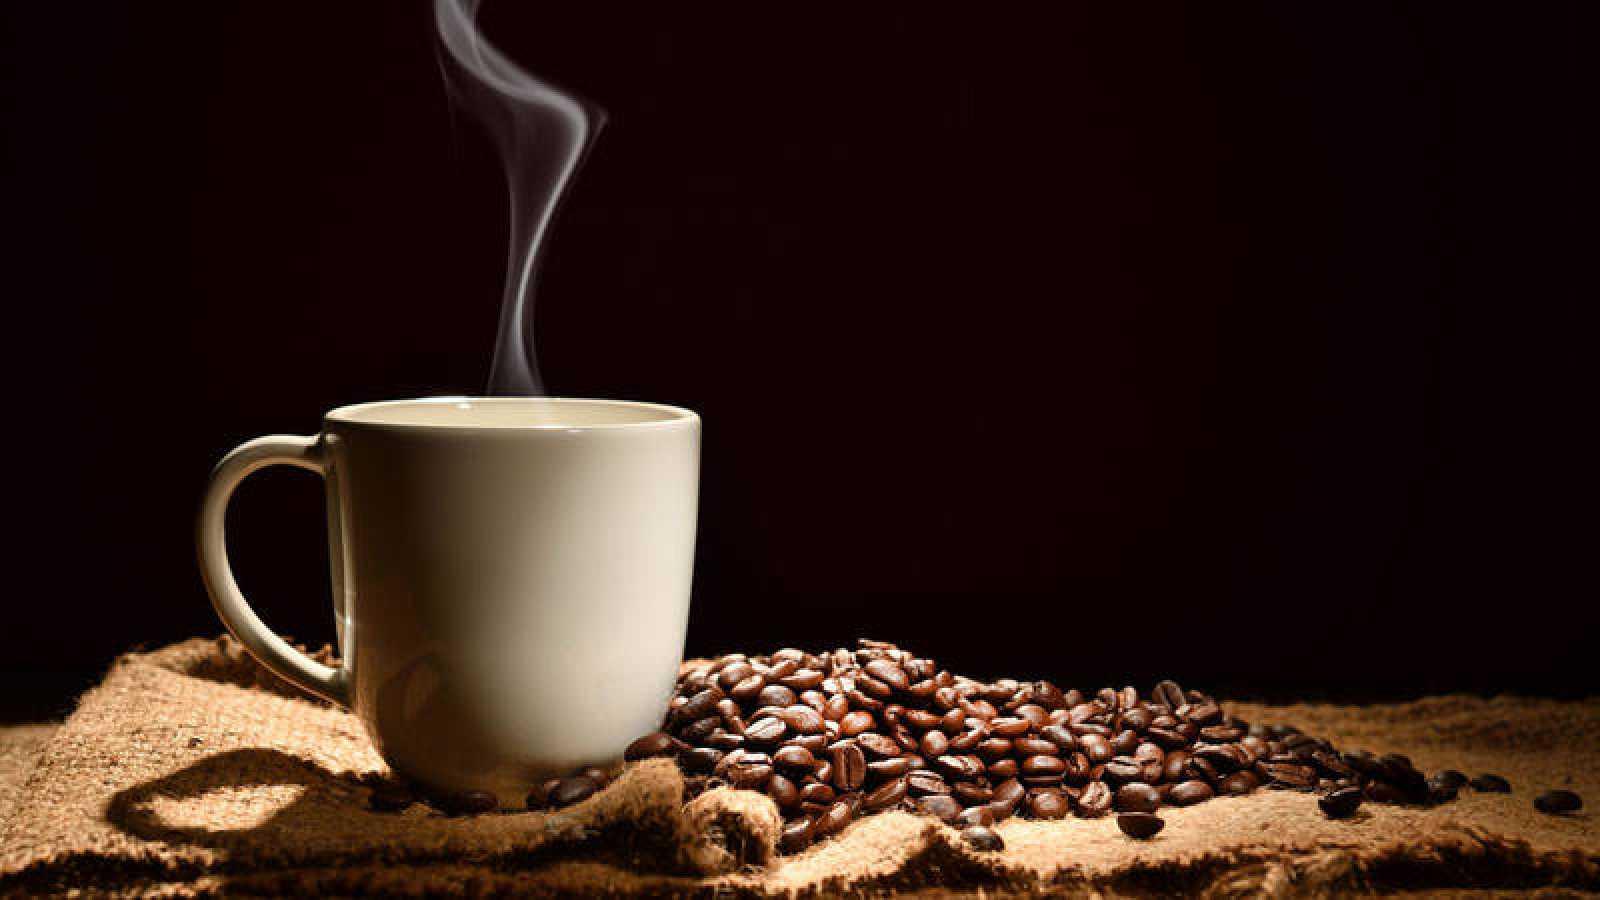 El café es una mezcla compleja de sustancias y entre ellas muchas tienen propiedades antioxidantes y antiinflamatorias.